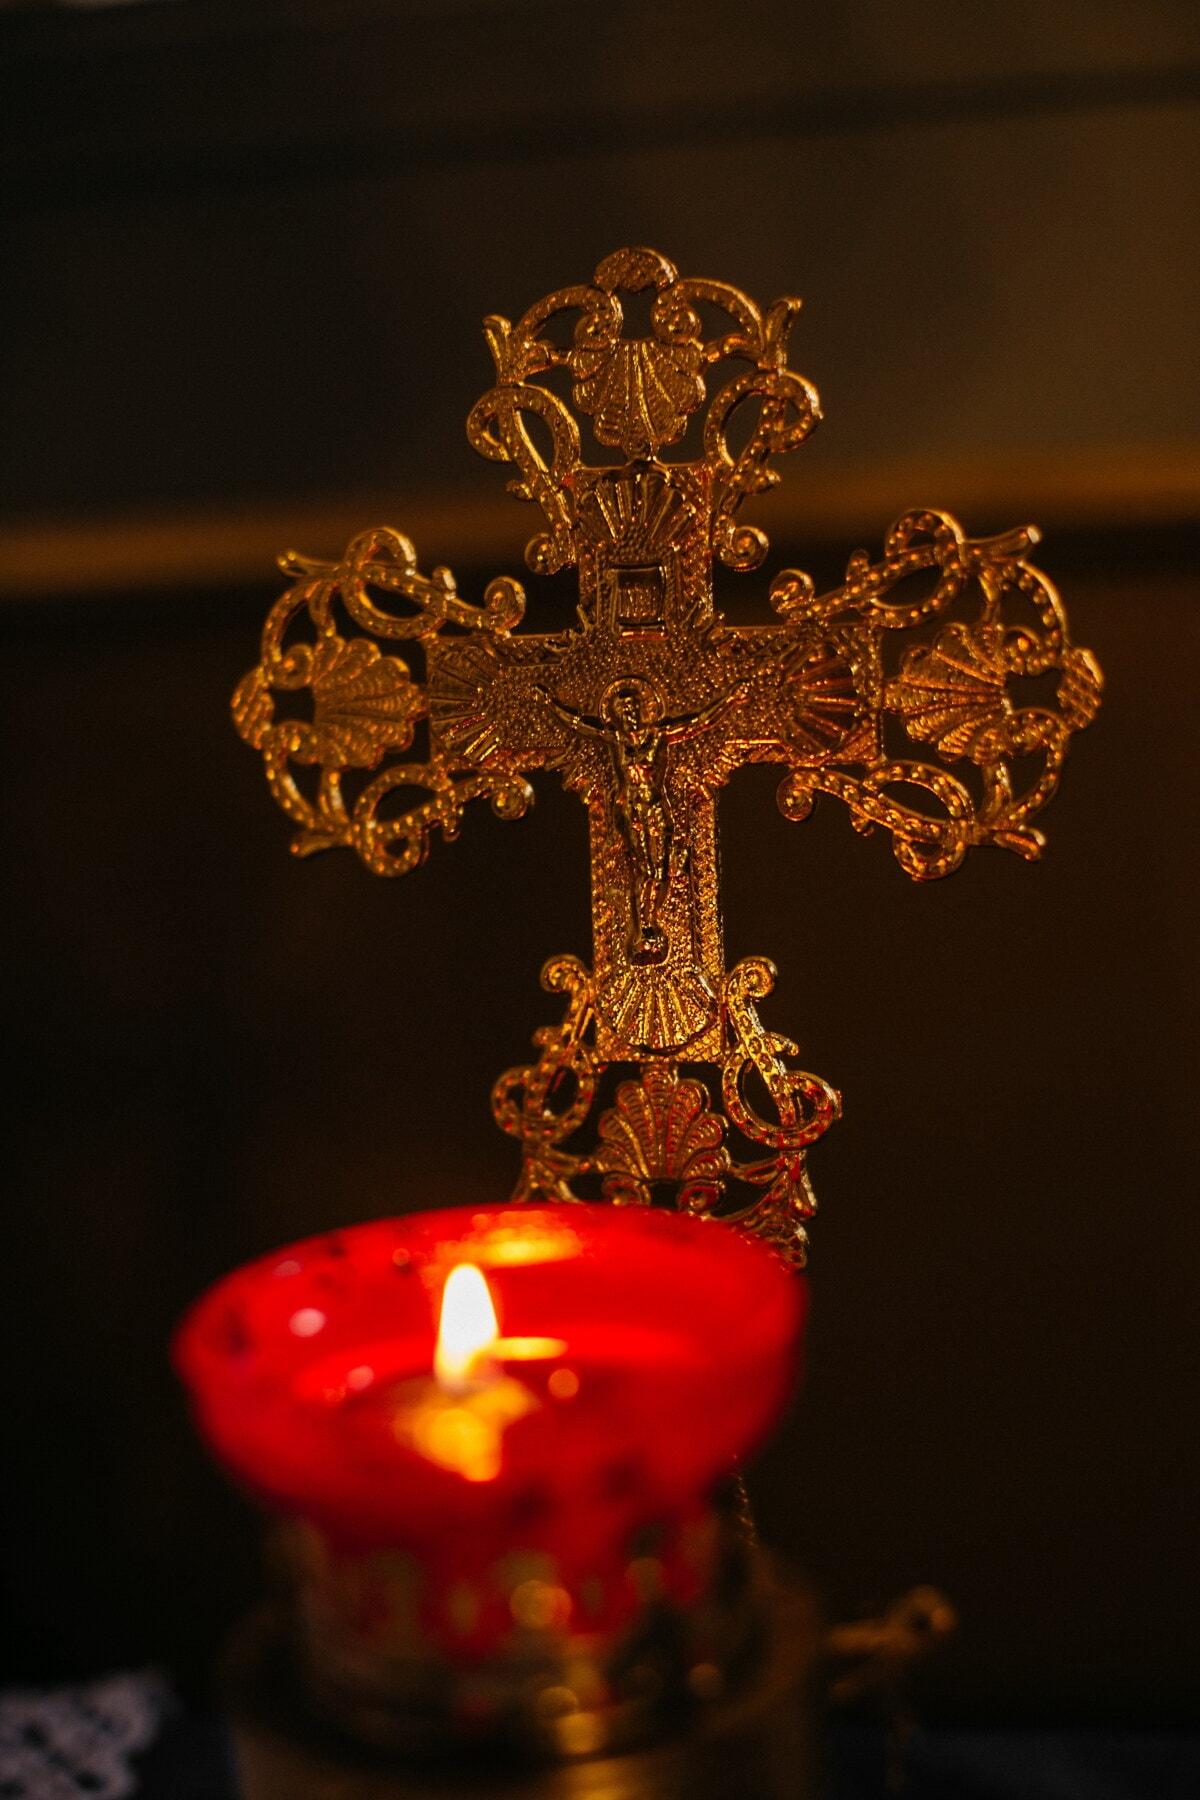 Candle-Light, Kerze, Kreuz, Religion, Christentum, Dunkelheit, Gold, Schatten, Flamme, Kunst